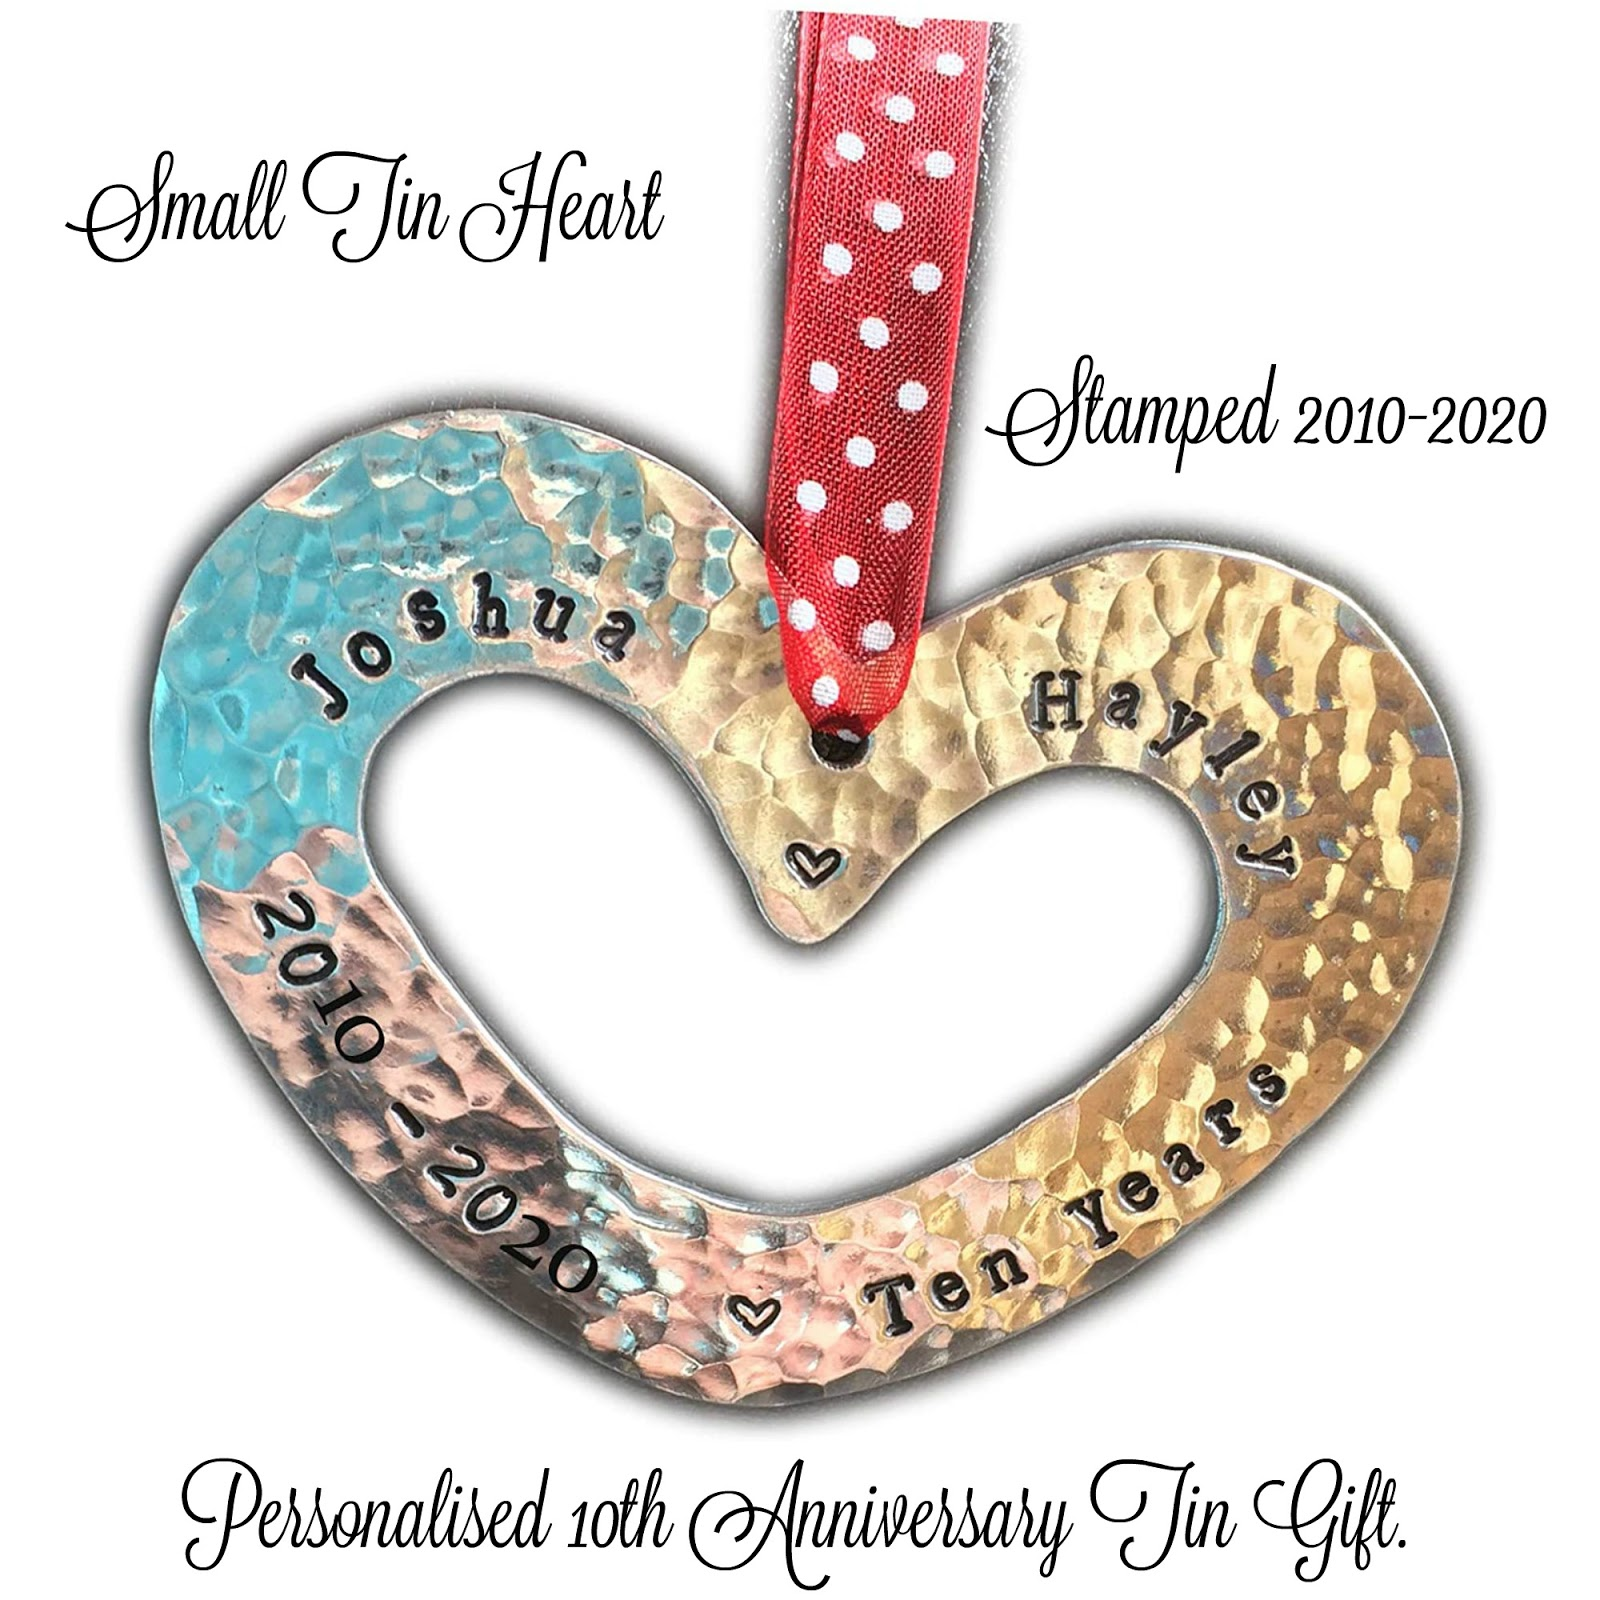 a 10th anniversary tin heart